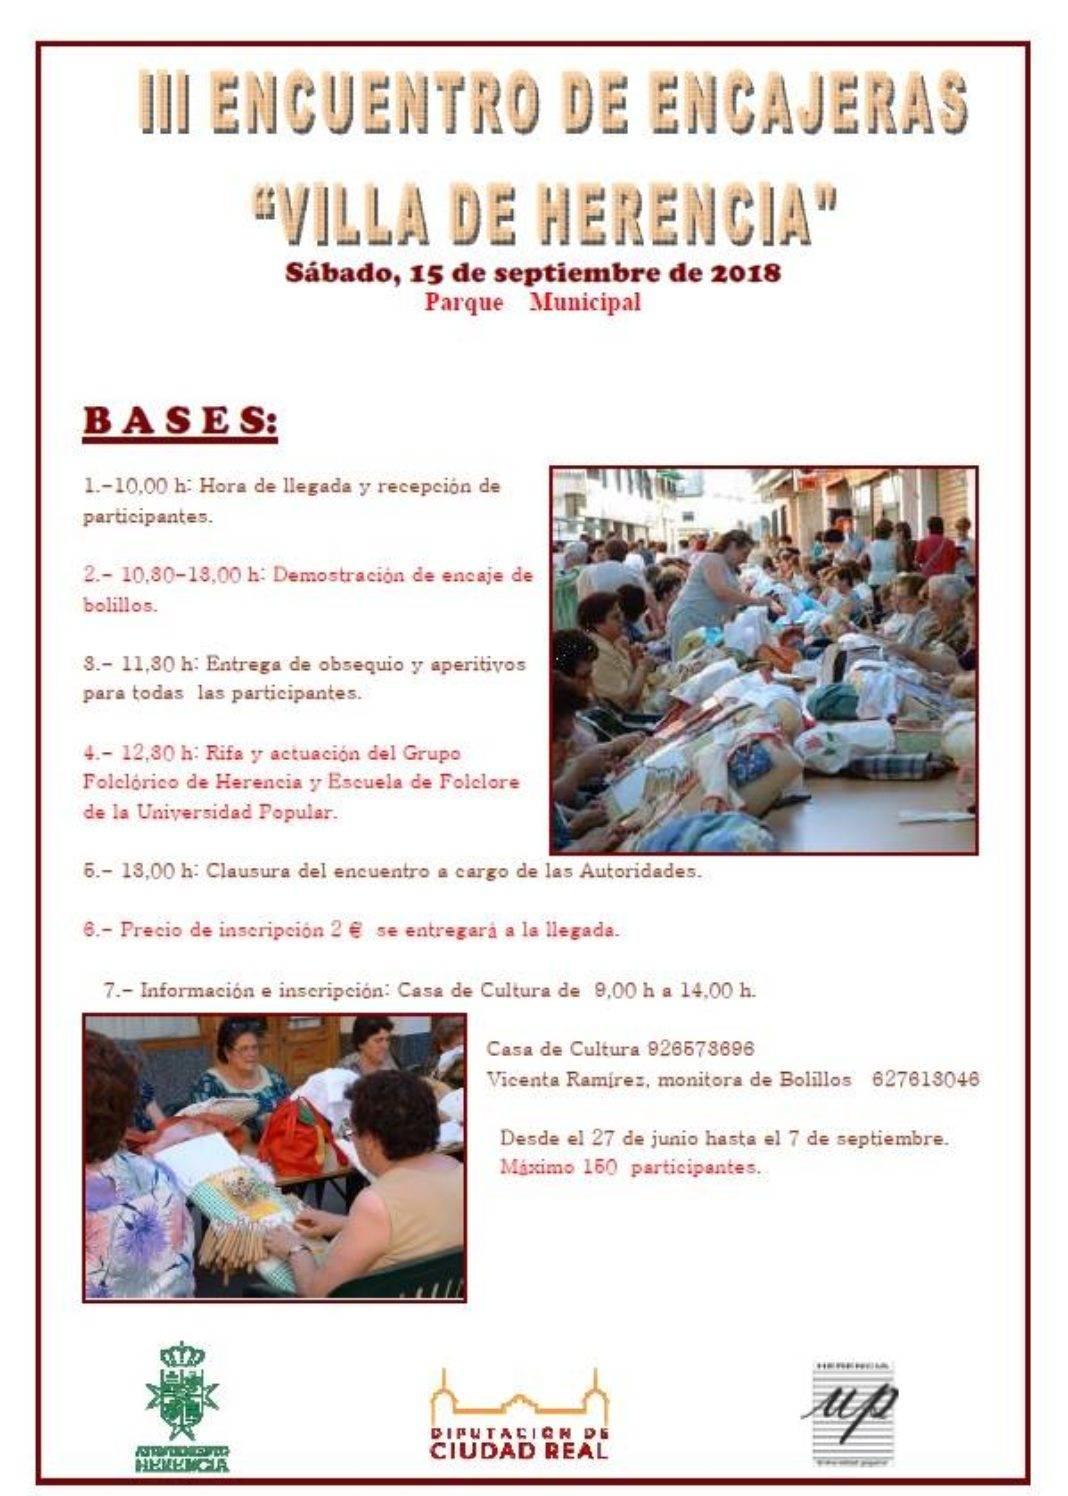 III Encuentro de Encajeras de HErencia 1068x1496 - III Encuentro de encajeras de Herencia